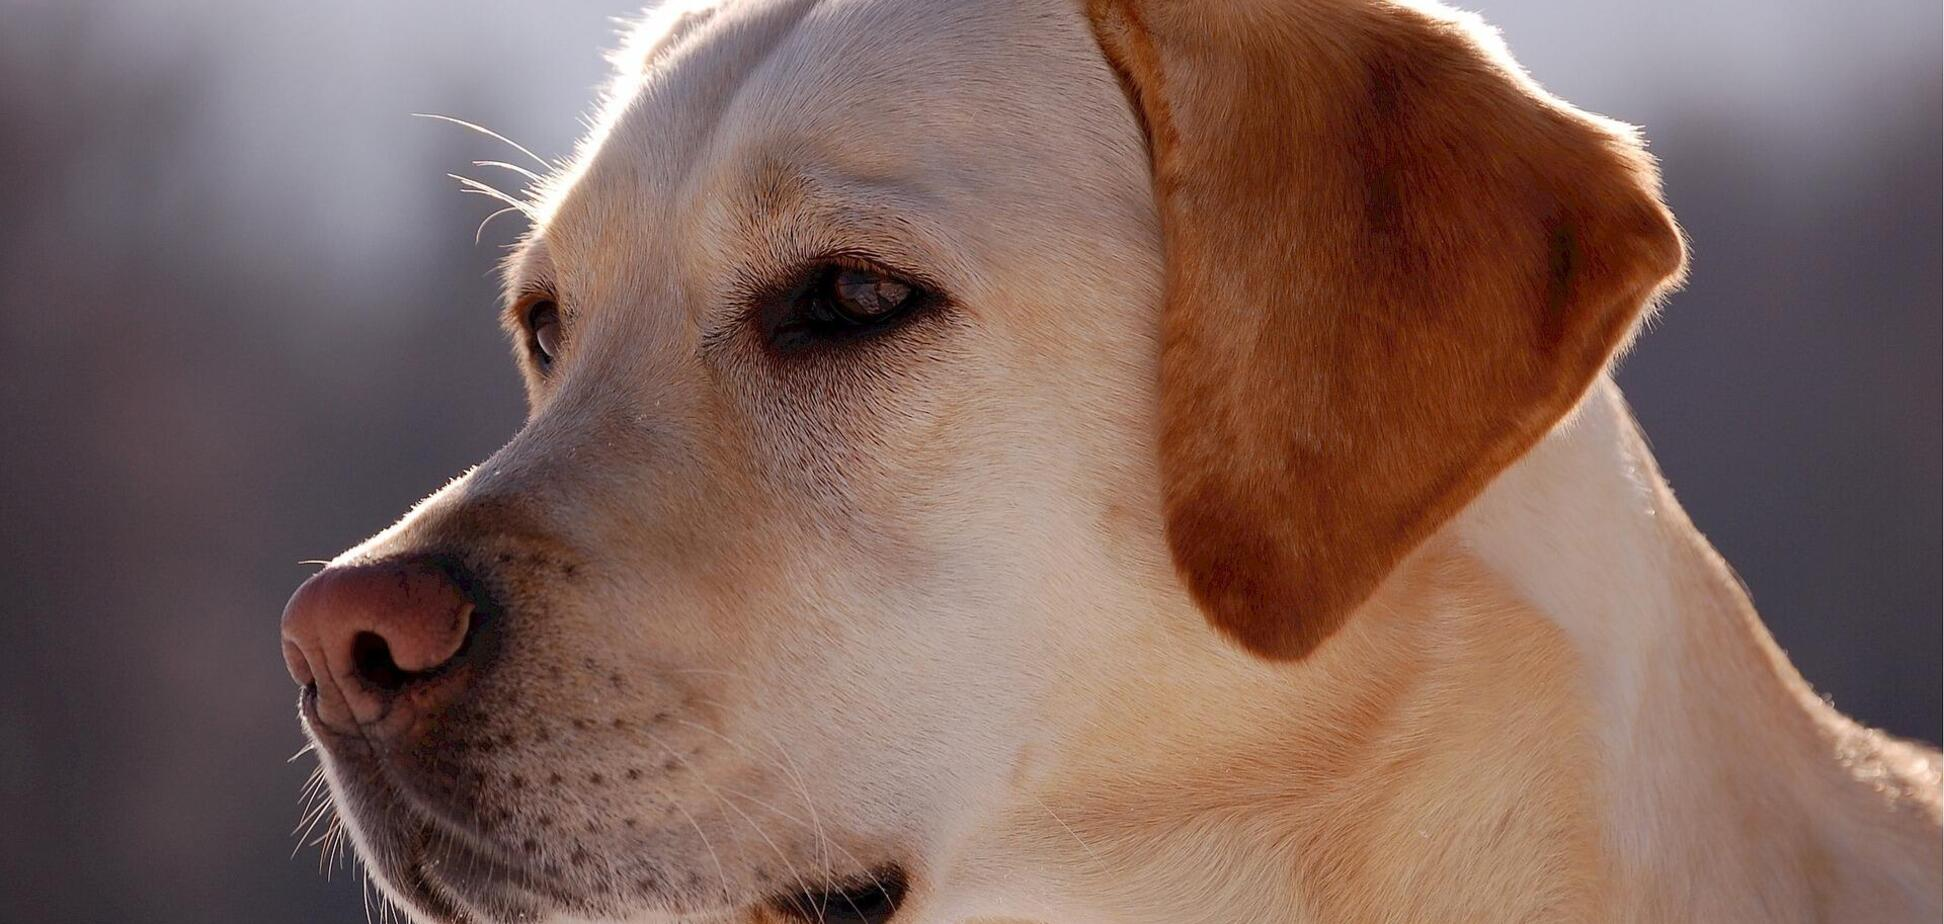 Біологи вивчили зразки більш 100 псів